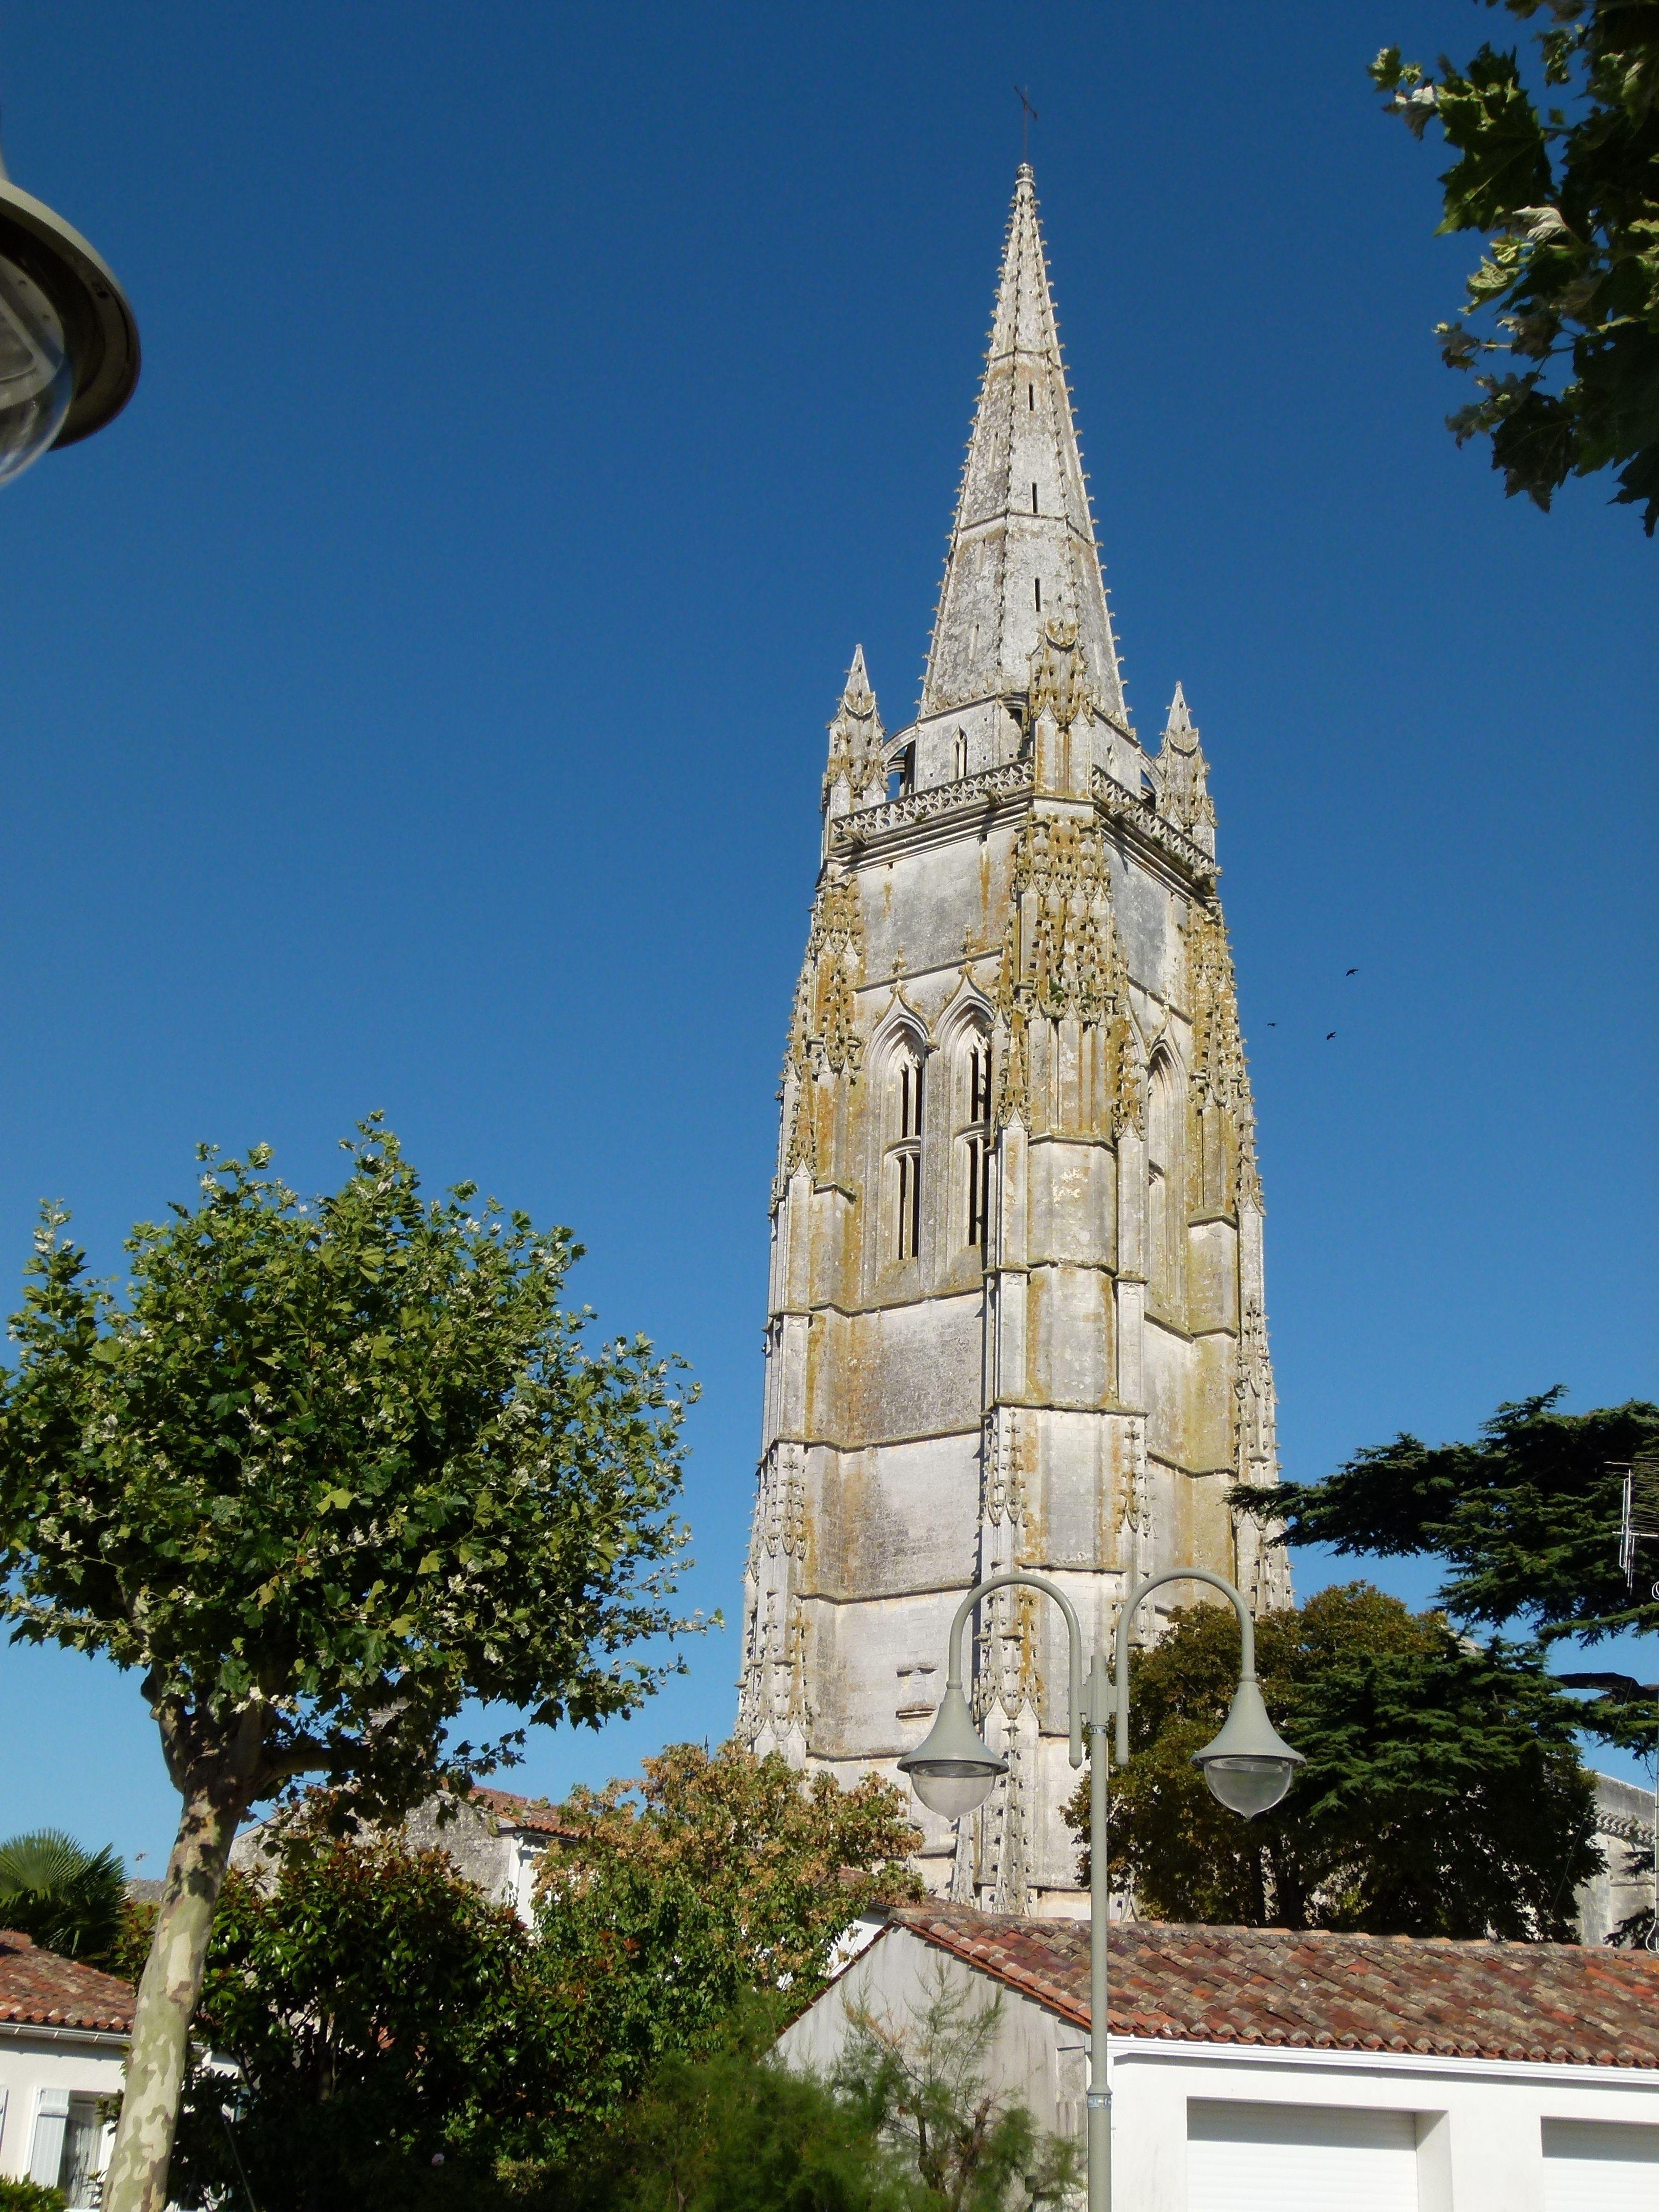 Photo File:Clocher porche église de Marennes By Serge Lacotte (Own work) [CC-BY-SA-3.0 (http://creativecommons.org/licenses/by-sa/3.0) or GFDL (http://www.gnu.org/copyleft/fdl.html)], via Wikimedia Commons   Clocher du XVème, haut de 78 mètres  http://www.viaouest.com/fr-17-6889.htm